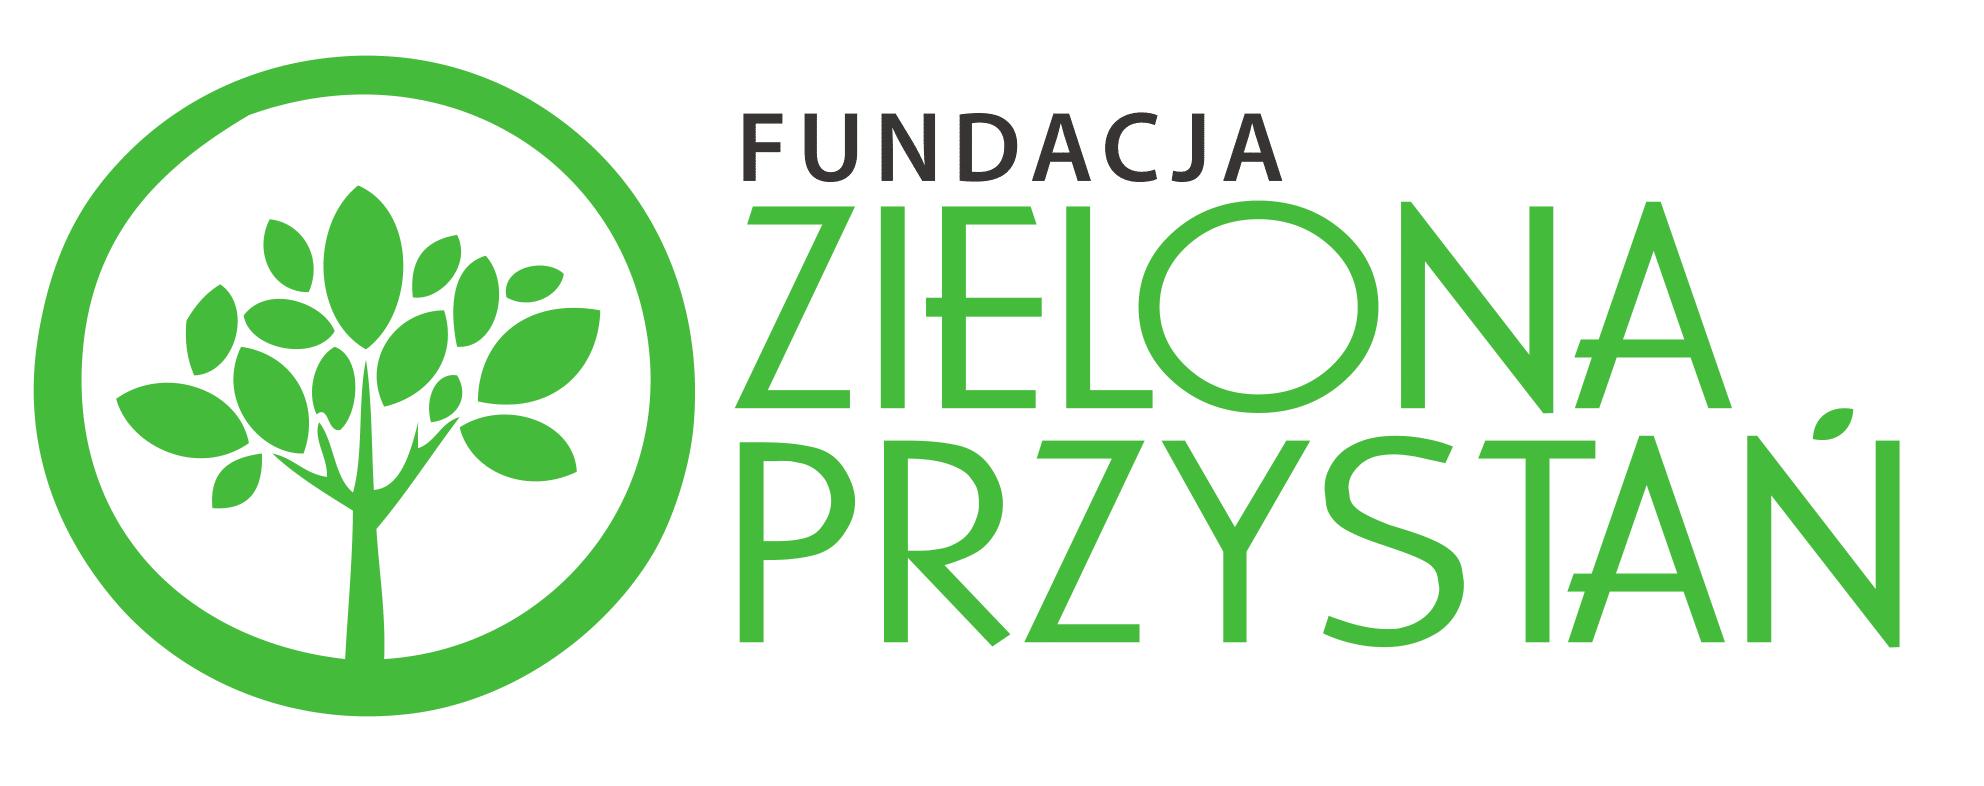 Fundacja Zielona Przystań